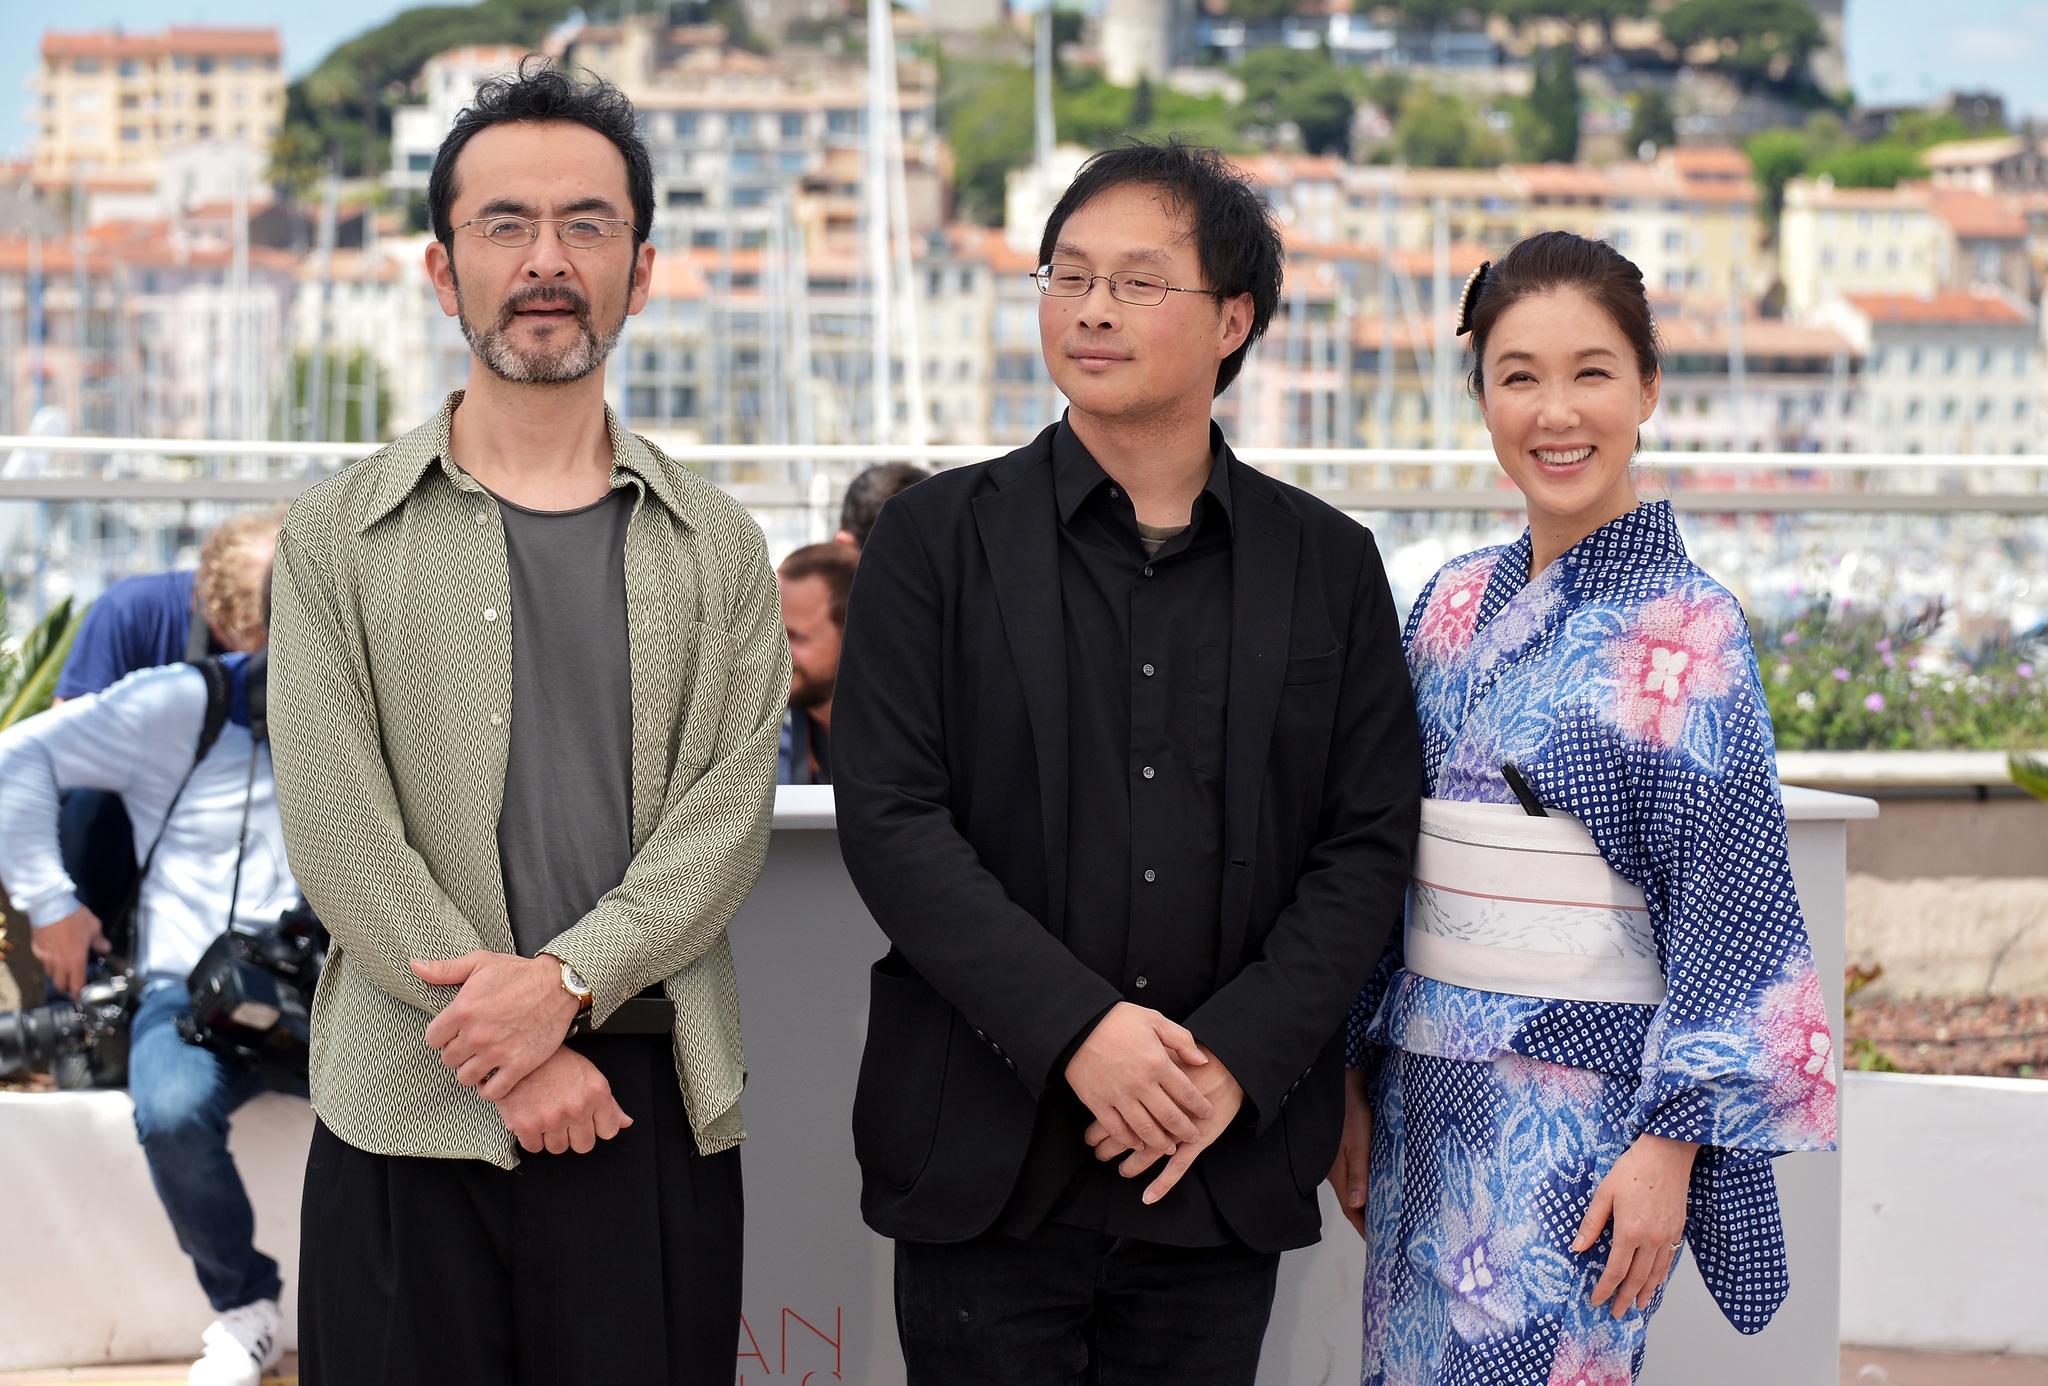 Mariko Tsutsui, Kanji Furutachi, and Kôji Fukada